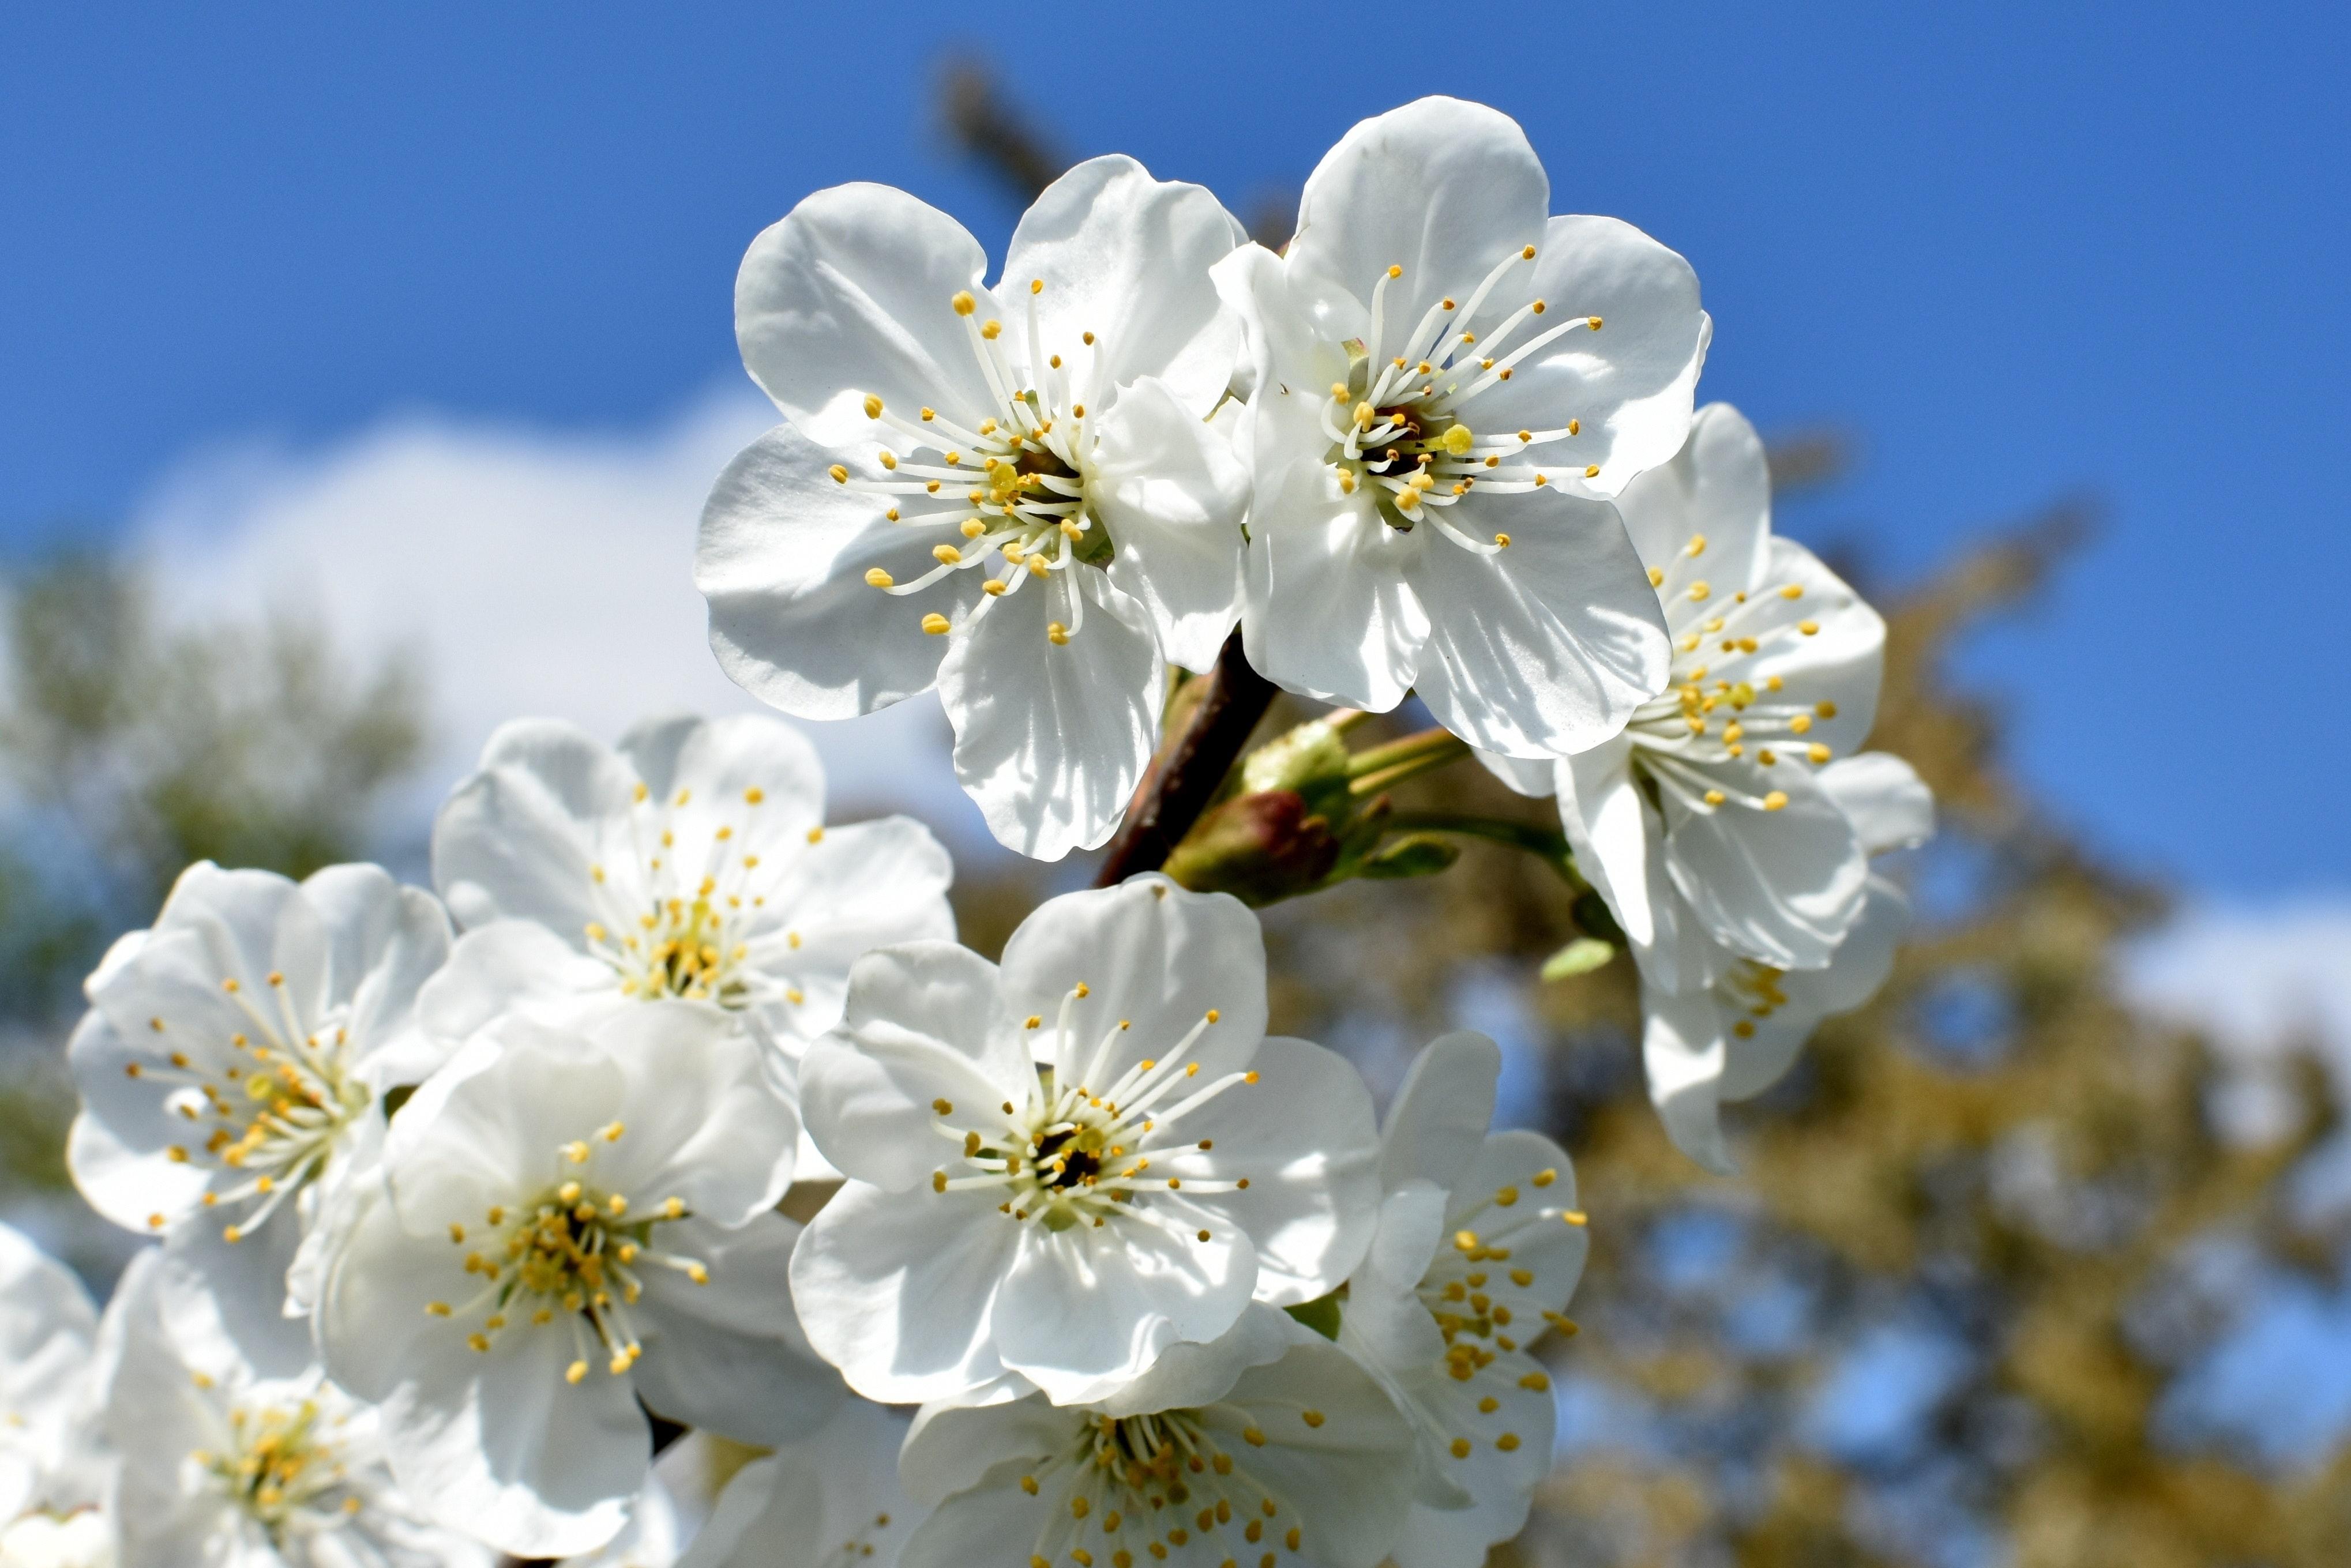 fleurs de cerisiers blanches devant un ciel bleu